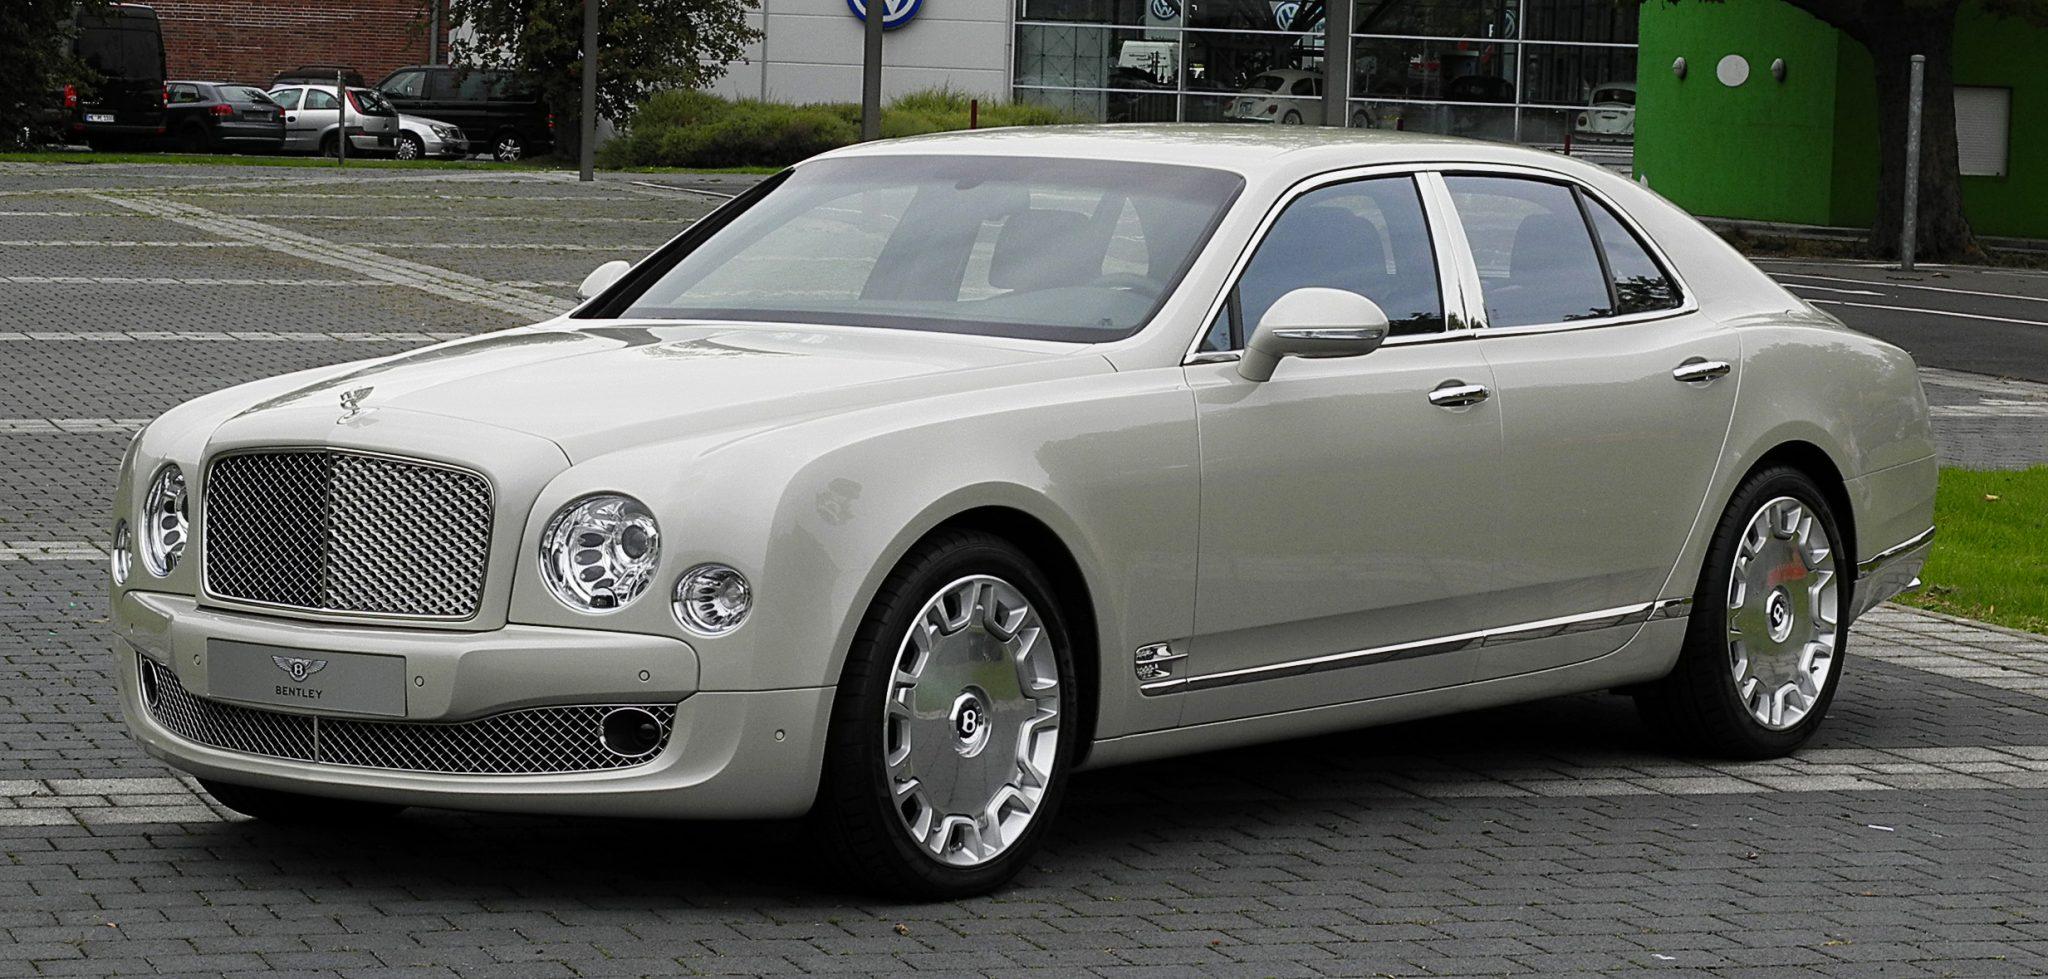 bentley_mulsanne alquiler coches de lujo madrid marbella ibiza barcelona valencia